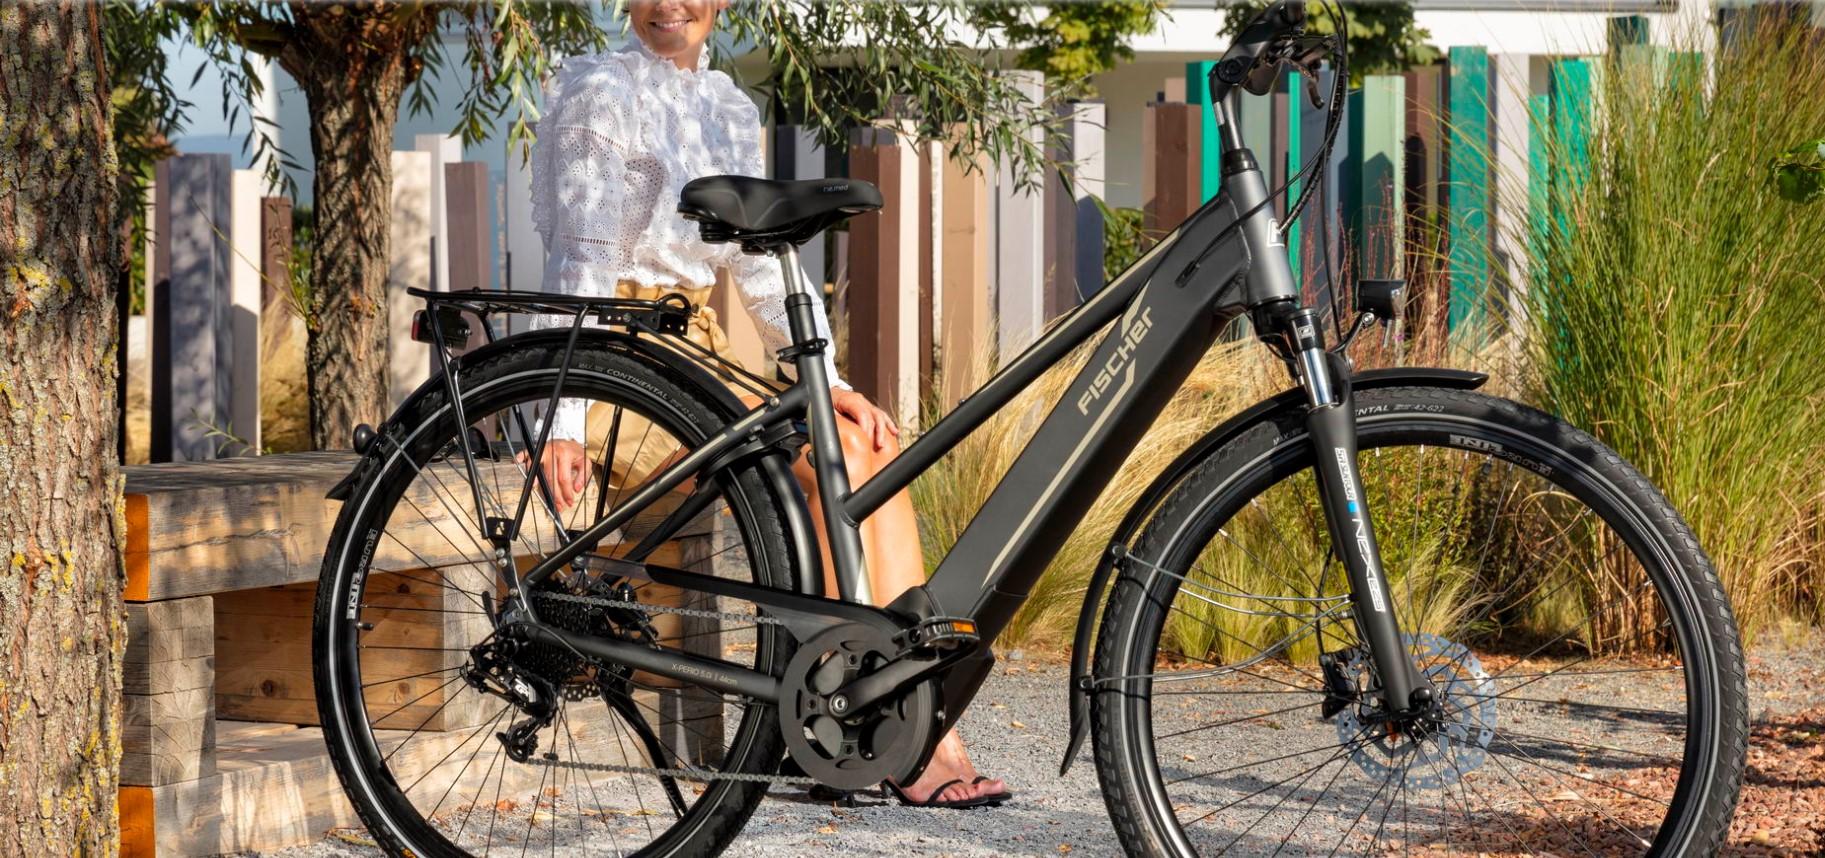 Fischer Viator 5 -kaupunkisähköpyörä on tyylikäs ergonominen ajaa